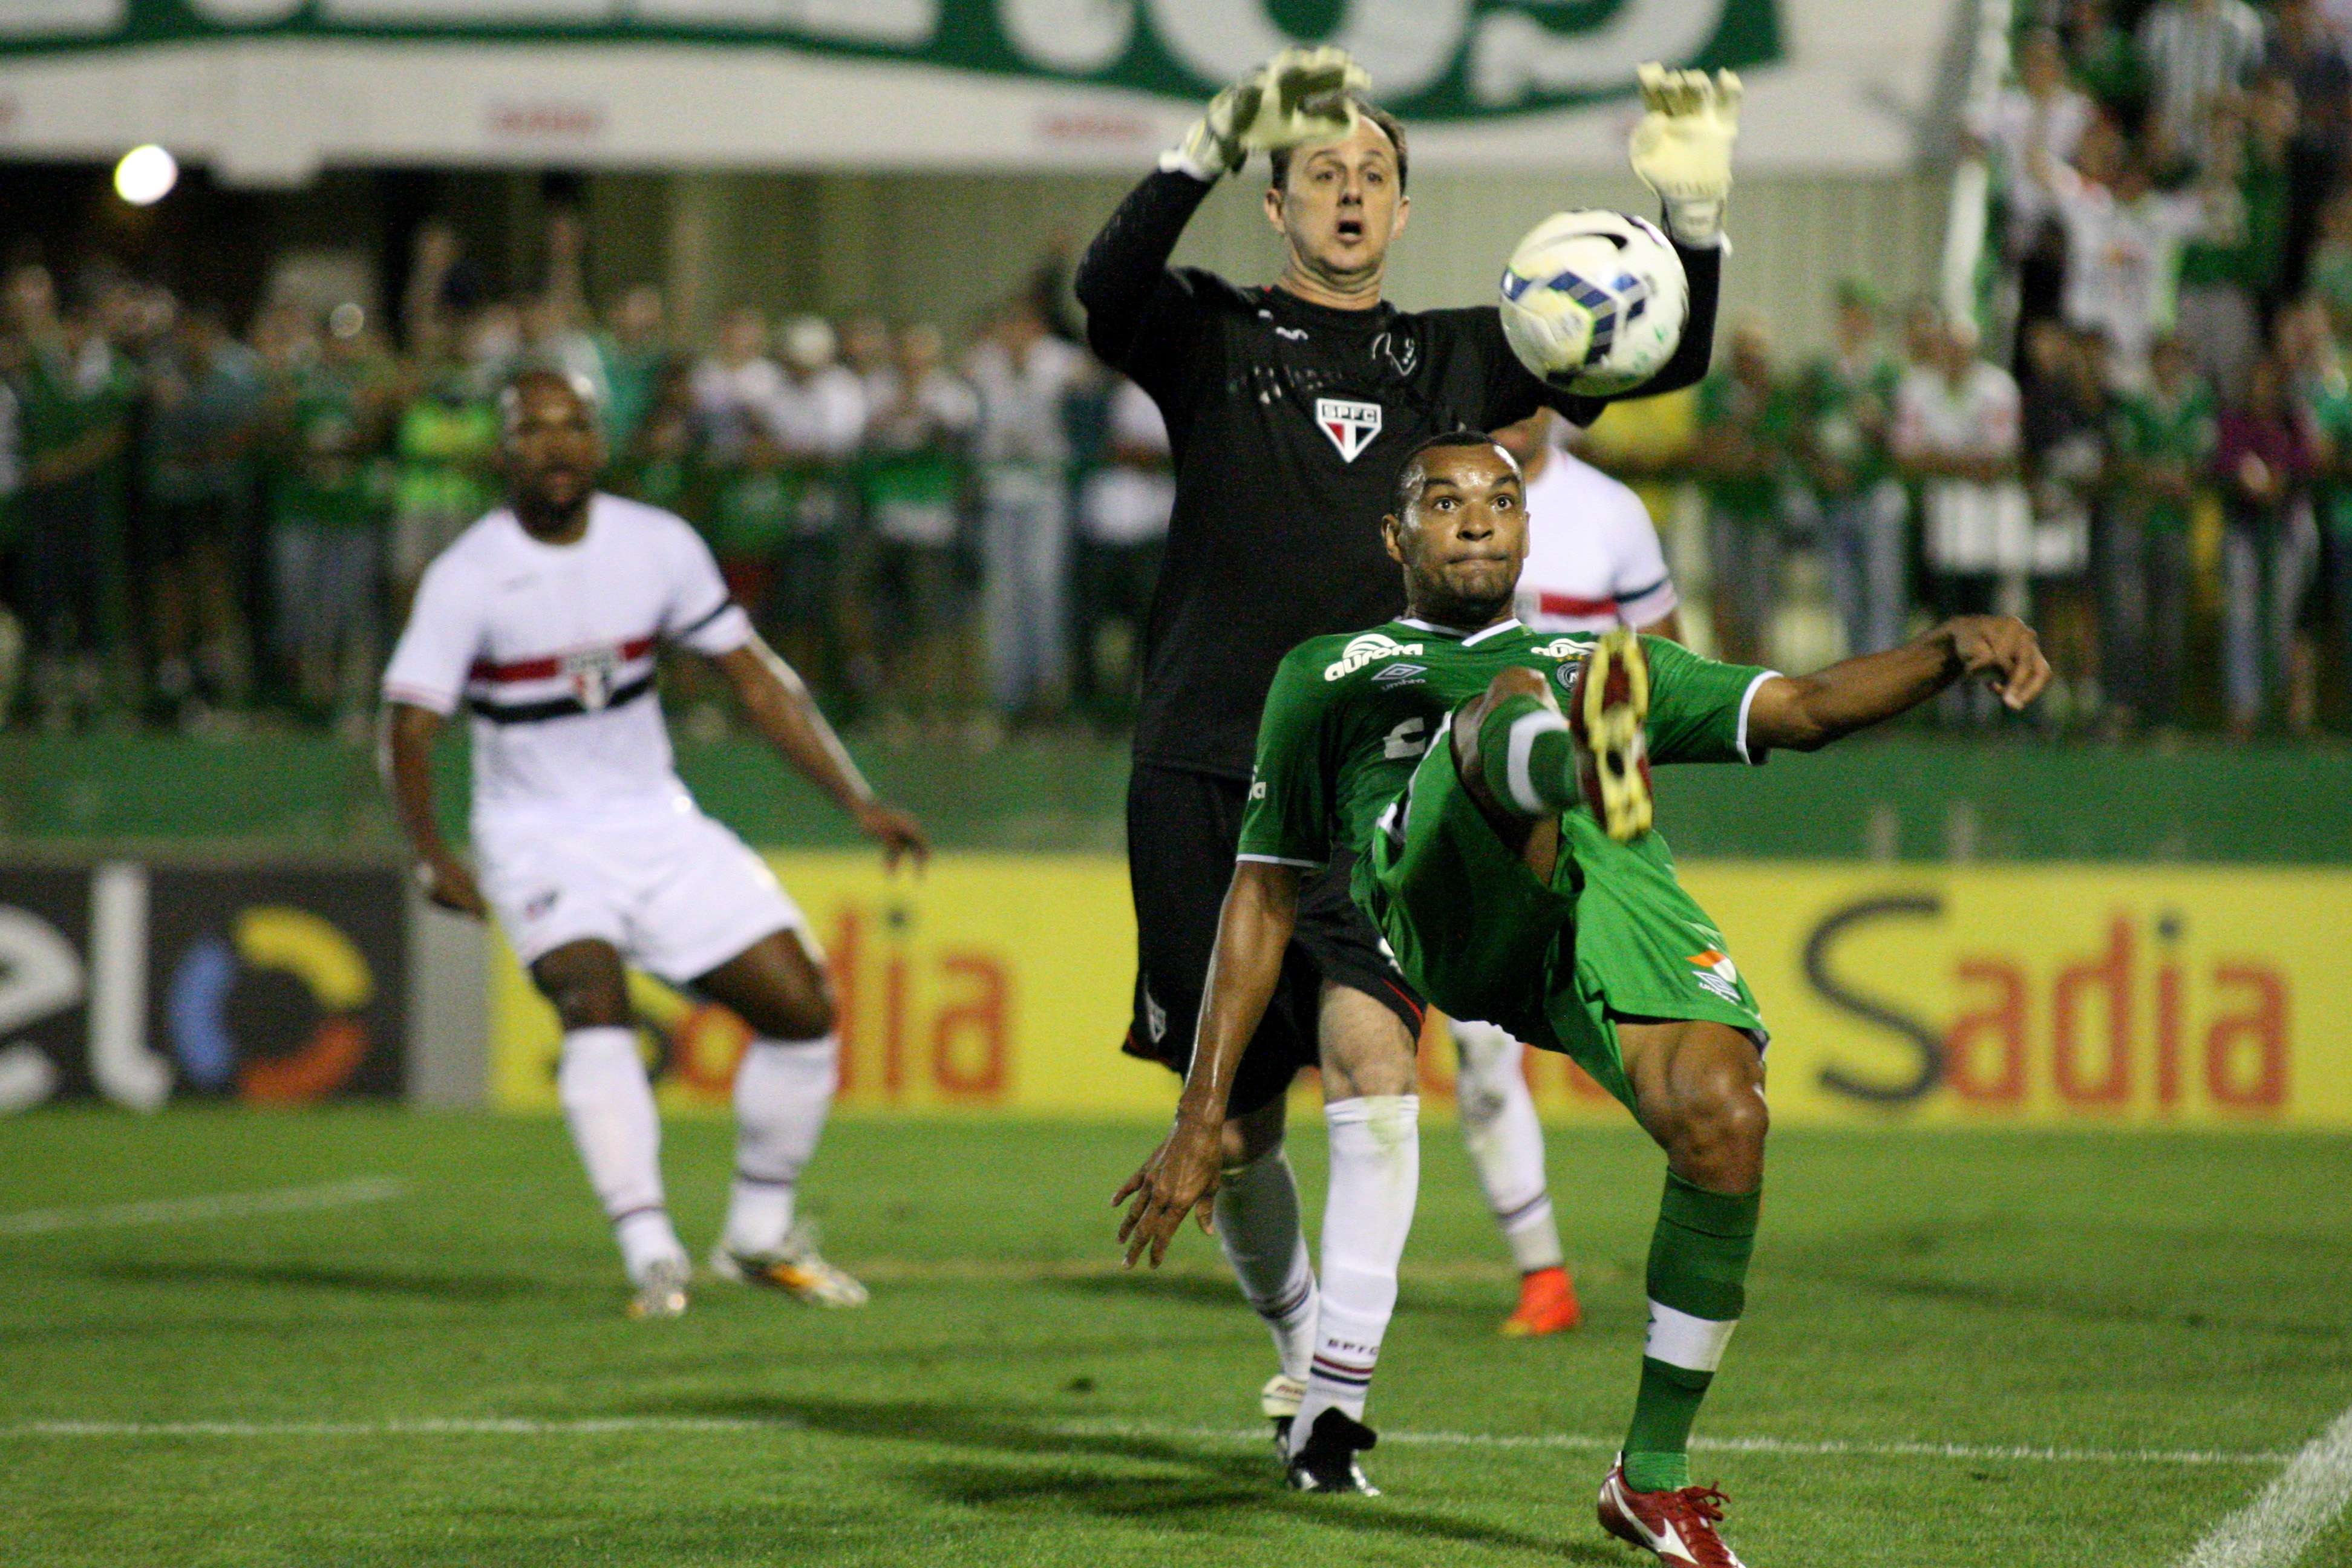 Rogério Ceni buscava vitória que lhe renderia recorde mundial no futebol Foto: Alan Pedro/Getty Images